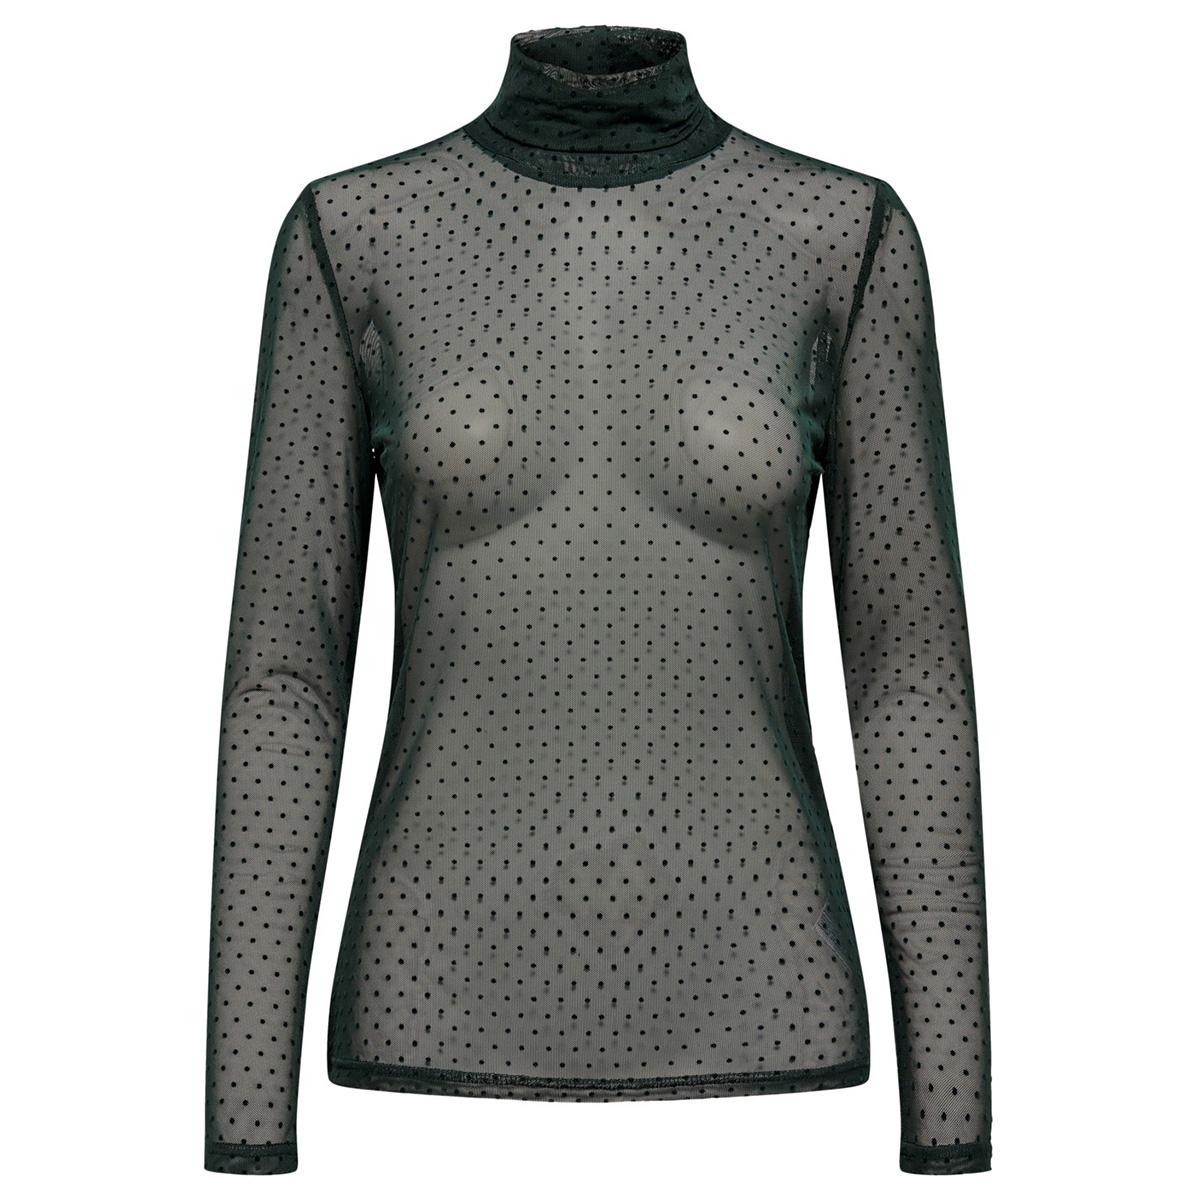 jdyevie l/s rollneck jrs 15185955 jacqueline de yong t-shirt scarab/dtm flock